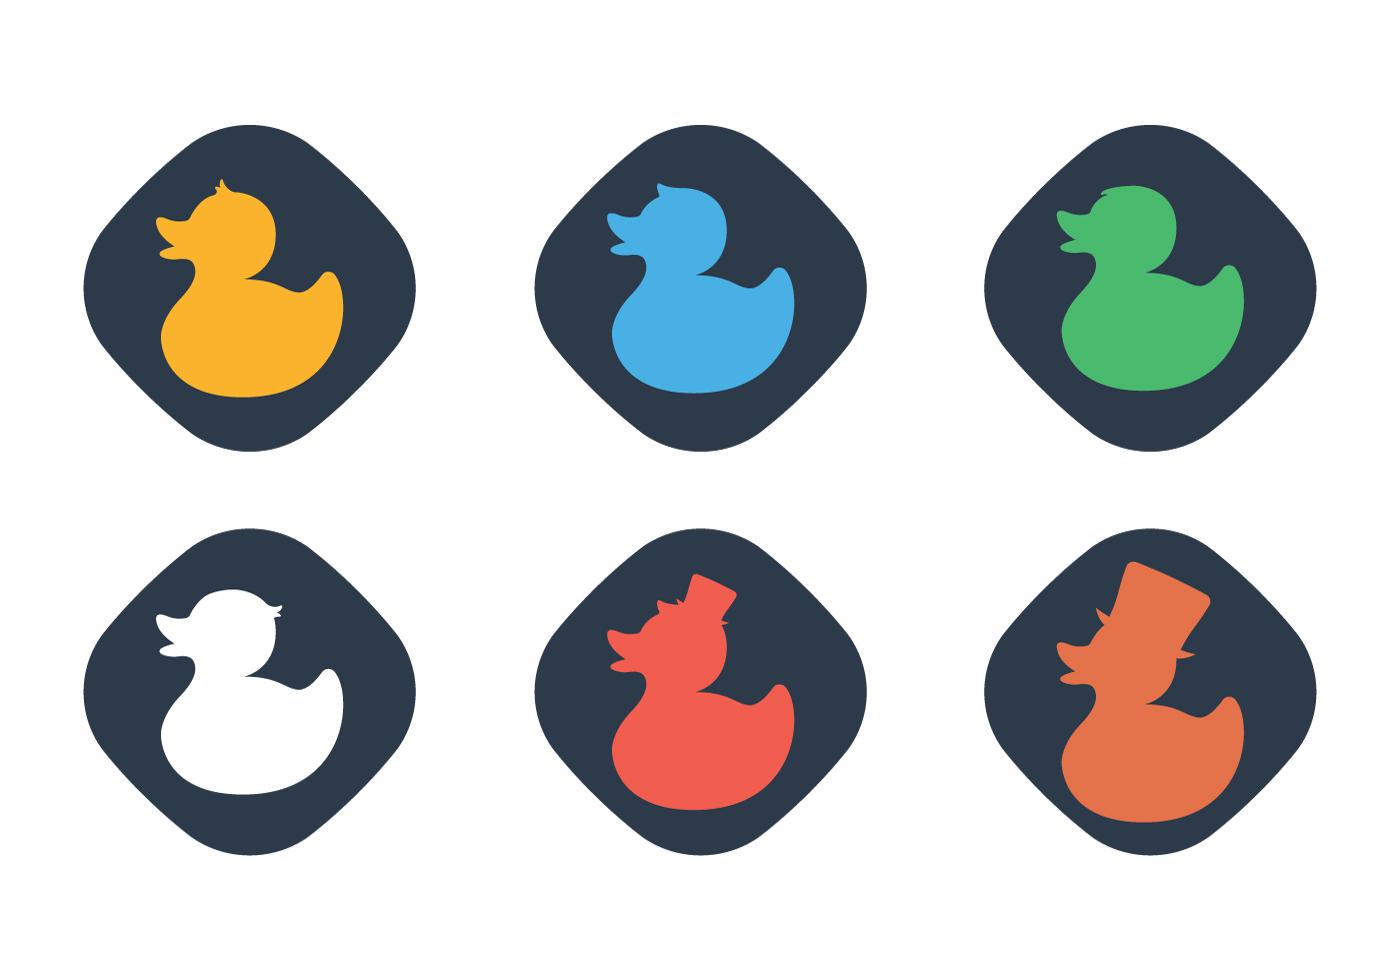 Rubber duck vectors download free vector art stock graphics amp images